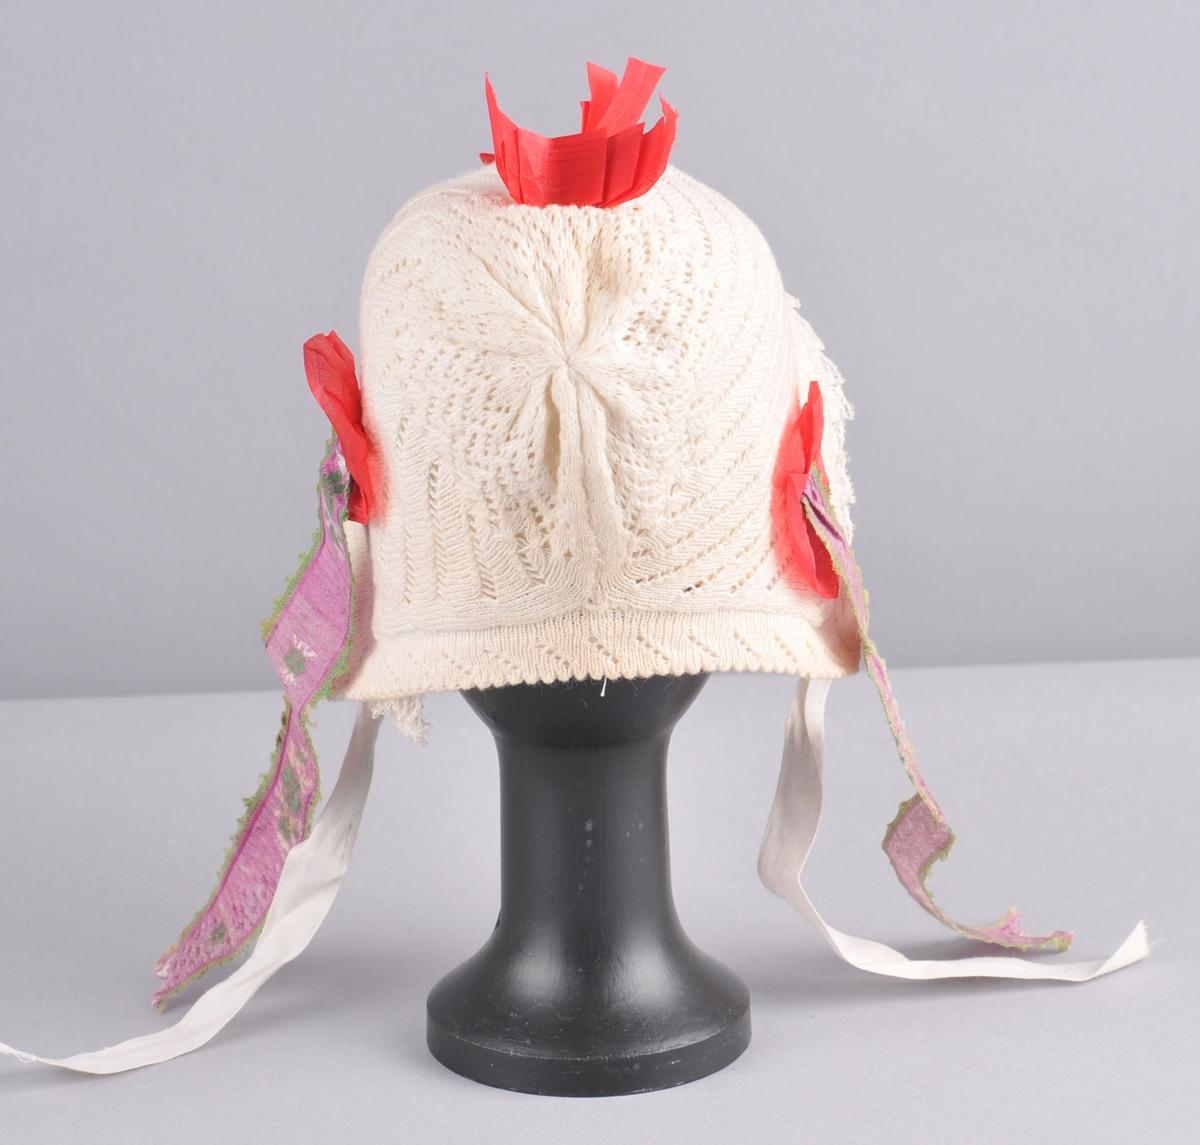 Maskinstrikka, fabrikkert, kvit luve av bomull. Luva har kyseform og fastsauma innerluve med synleg blondekant. Luva er mønsterstrikka og dekorert med raude silkeband, to sløyfer på toppen av luva og ein rosett på kvar side av luva. På rosettane er det  sauma fast silkeband i lilla, grønt og kvitt. Desse banda heng ned, eit  på kvar side, paralellt med knytebanda på luva. Innerluva er av bomullslerret. Luva er av to stykke og har saum midt på hovudet, i nakken og er rynka på issen. Framover har luva legg og ein dobbel kant med blonder der den eine blonda visar berre på vronga. Mot nakken har luva dobbel fald og legg. Knyteband av kvite bomullsband.